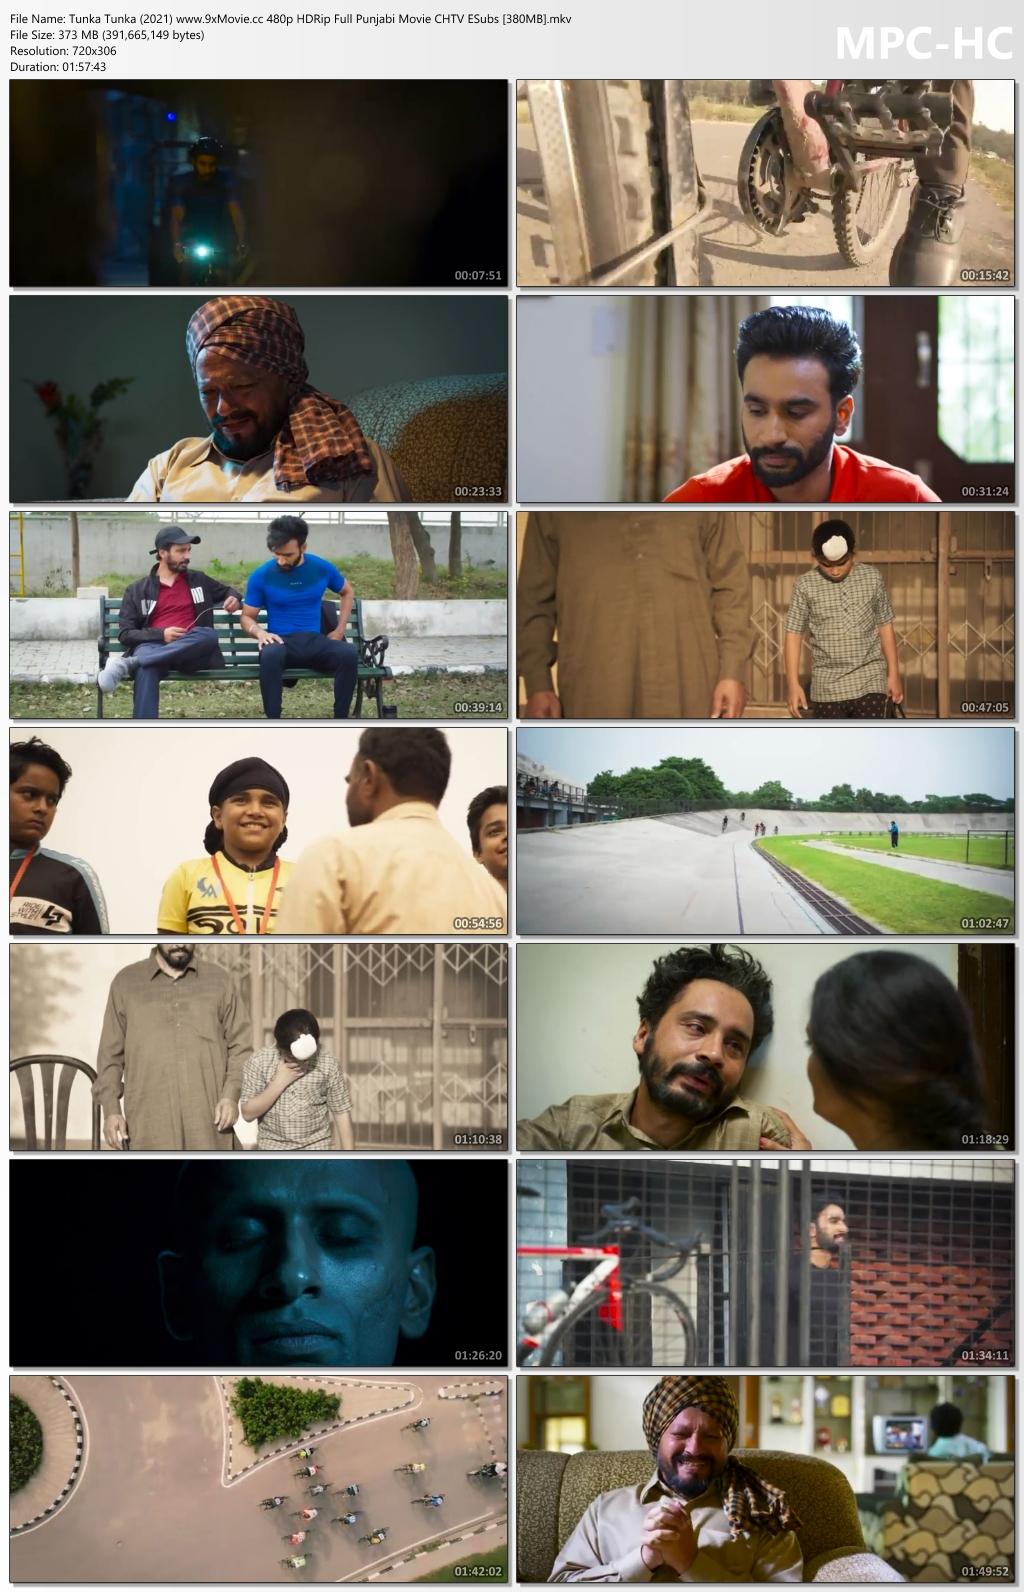 Tunka-Tunka-2021-www-9x-Movie-cc-480p-HDRip-Full-Punjabi-Movie-CHTV-ESubs-380-MB-mkv